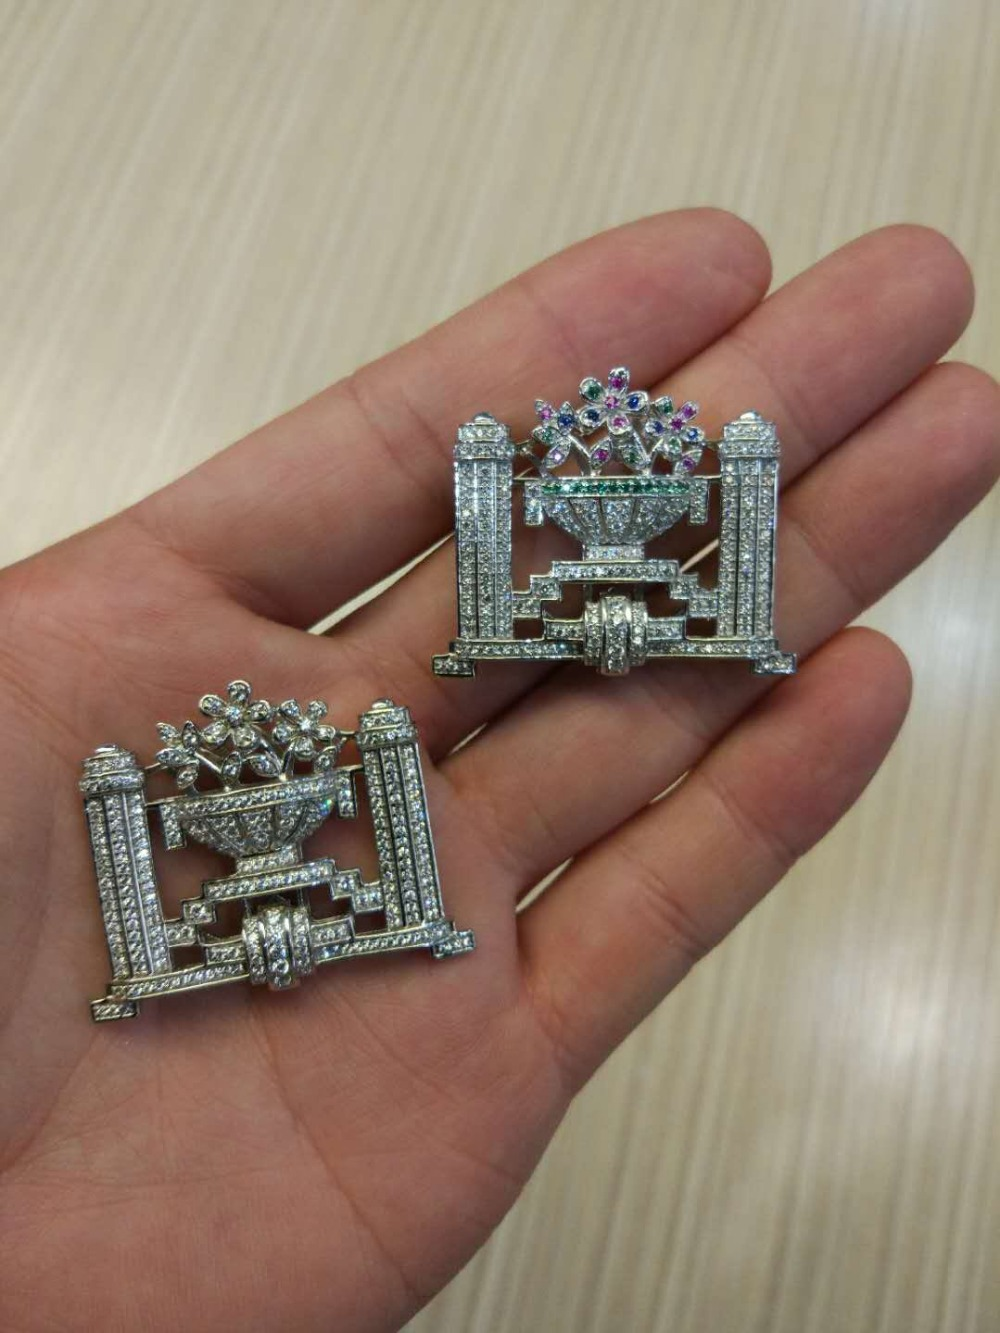 Connecteurs pour collier ou bracelet 925 en argent sterling avec zircon cubique fleur bijoux de mode résultats de bijoux à bricoler soi-même - 2